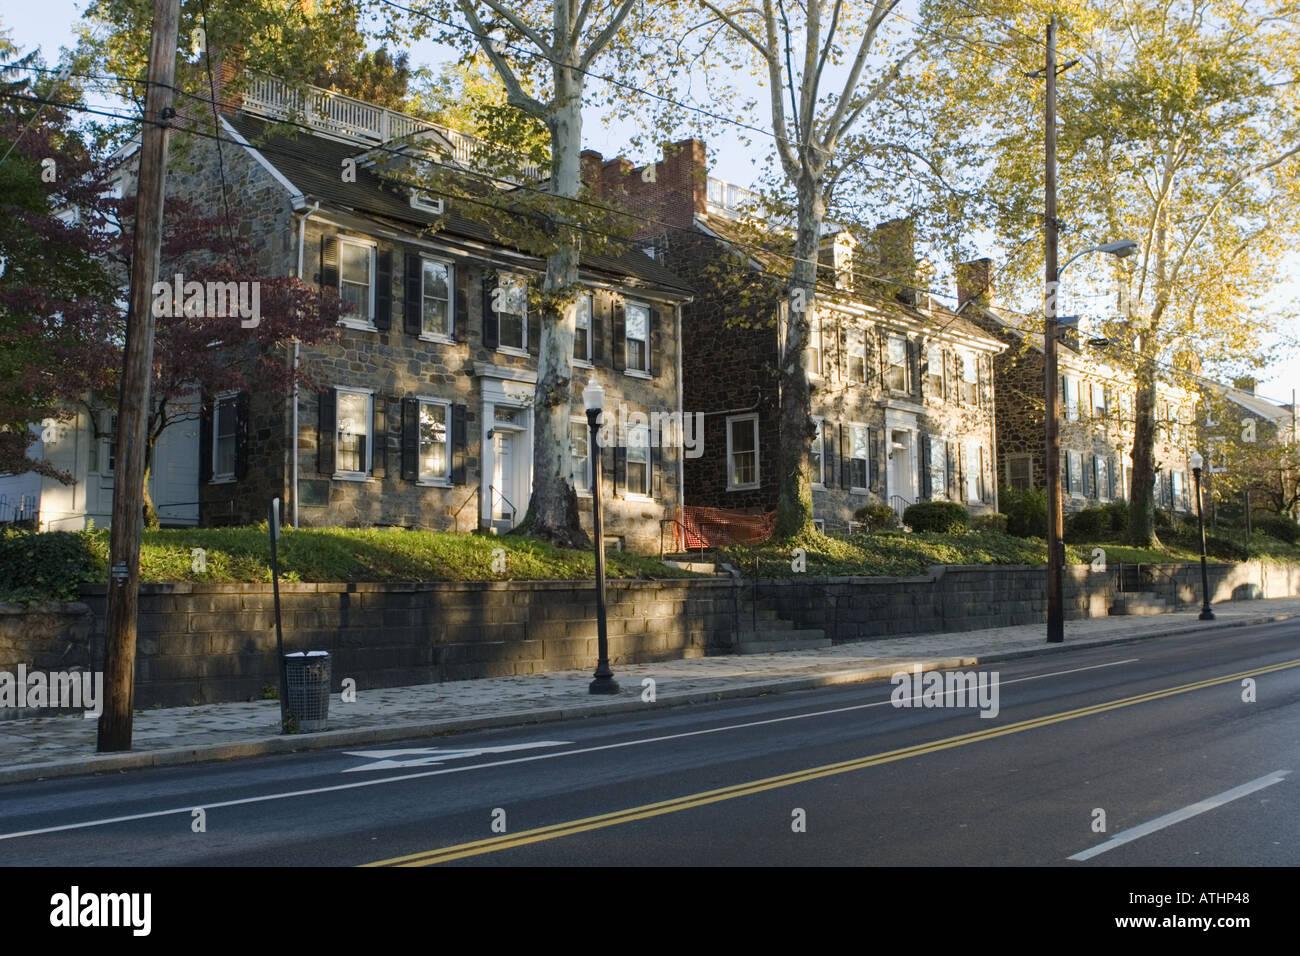 Brandywine Mills Wilmington Delaware - Stock Image